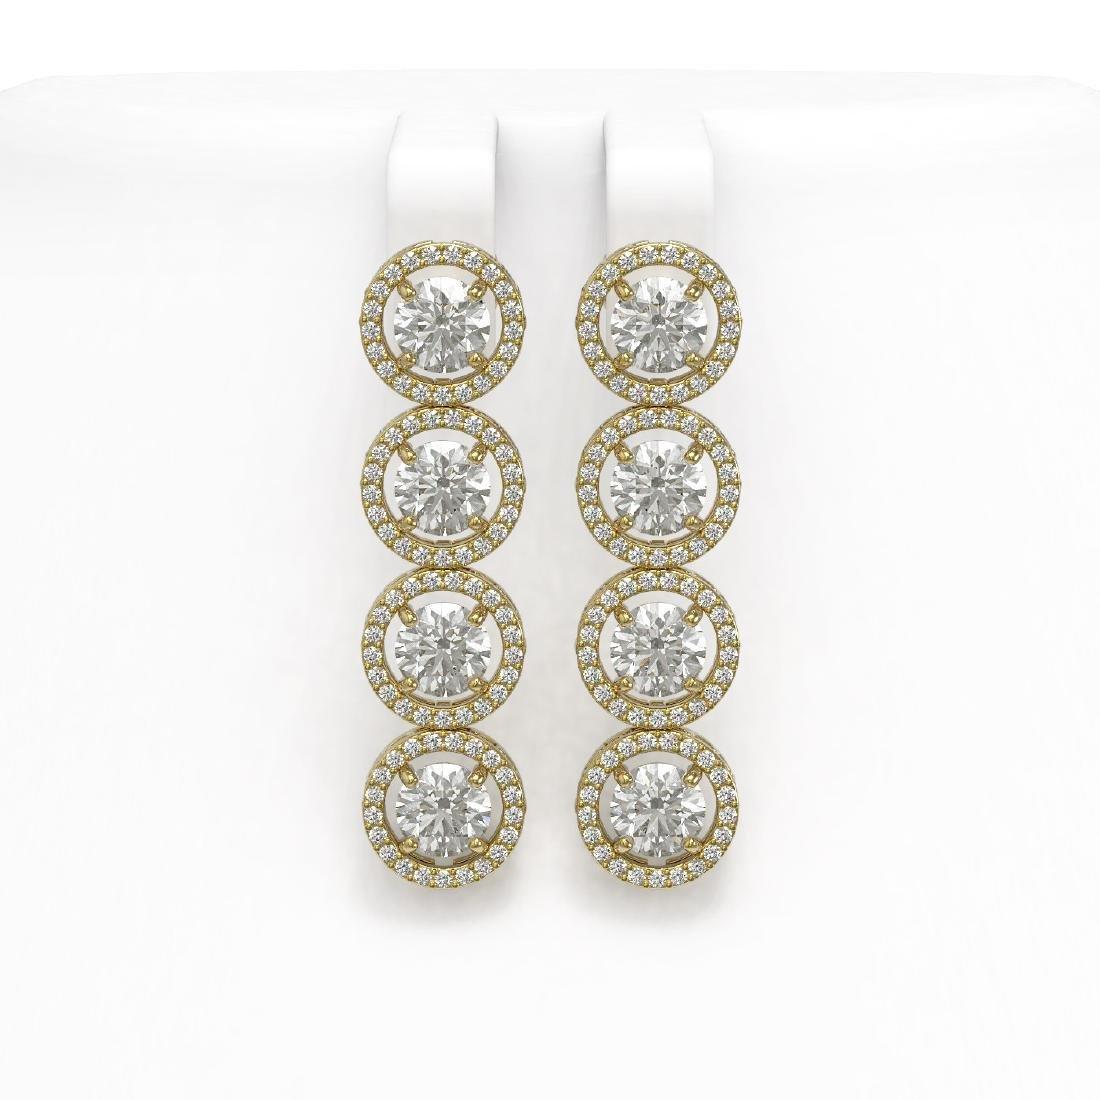 6.14 CTW Diamond Designer Earrings 18K Yellow Gold